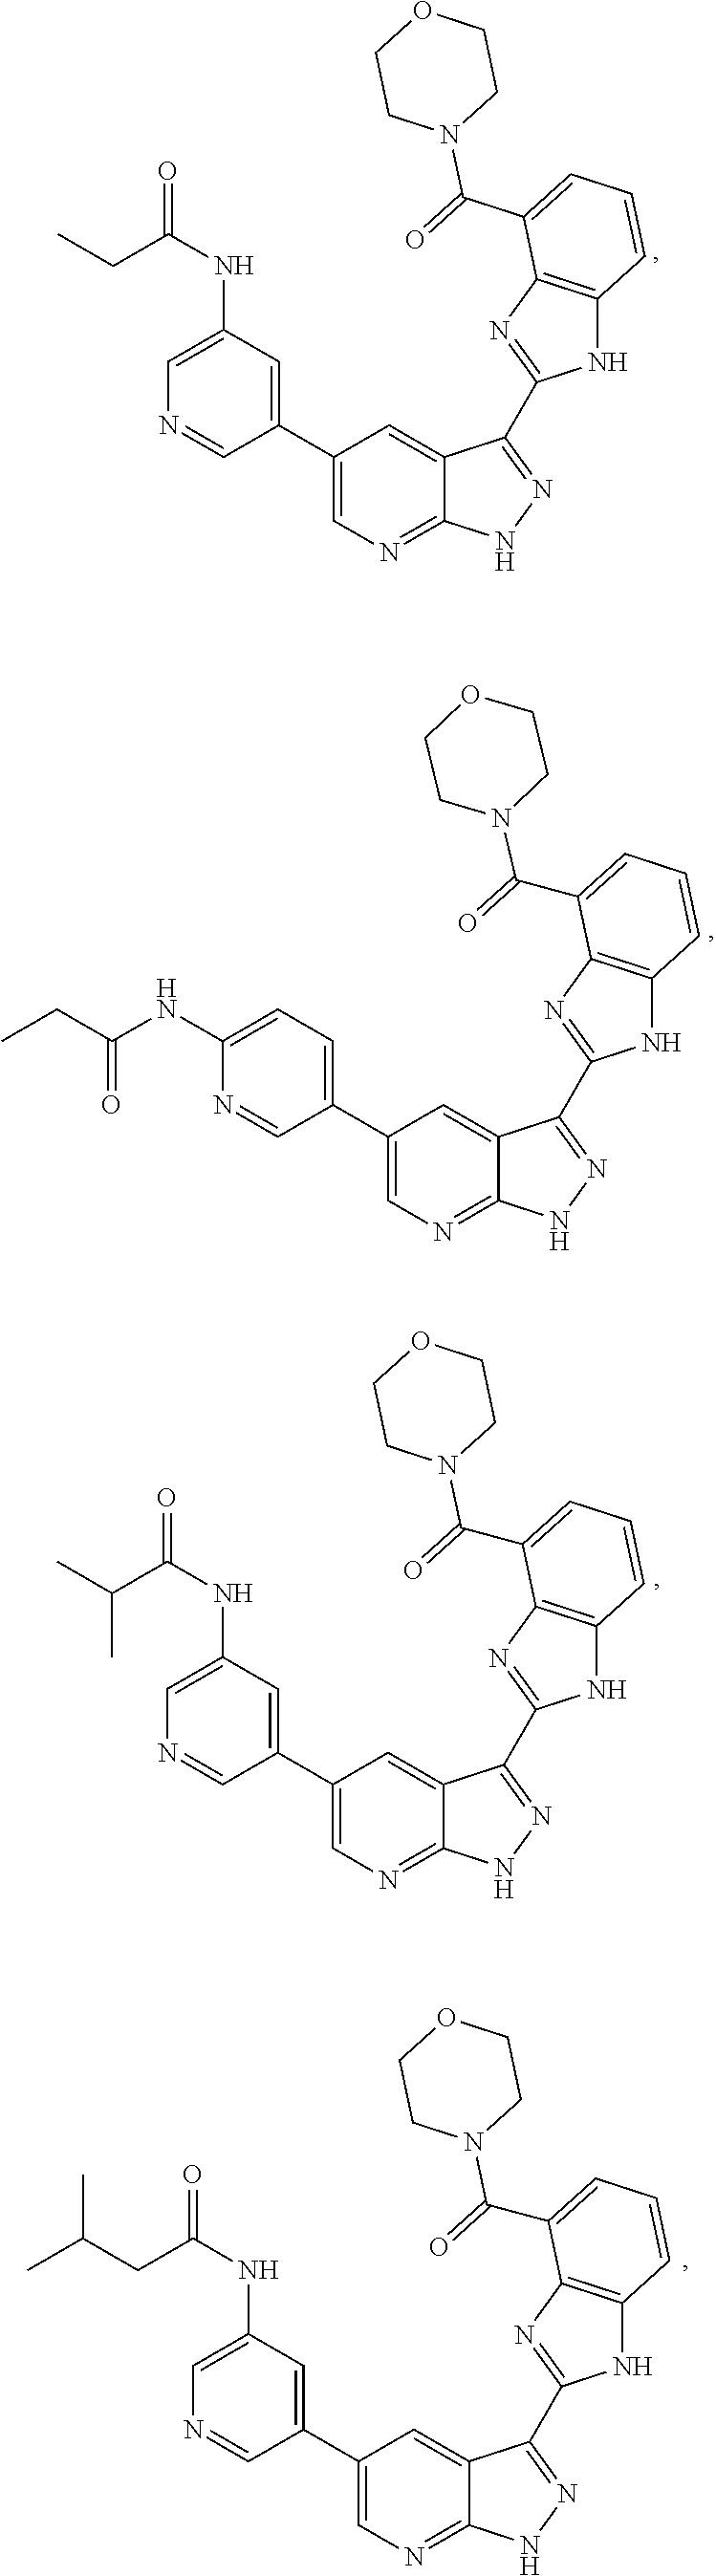 Figure US08618128-20131231-C00027